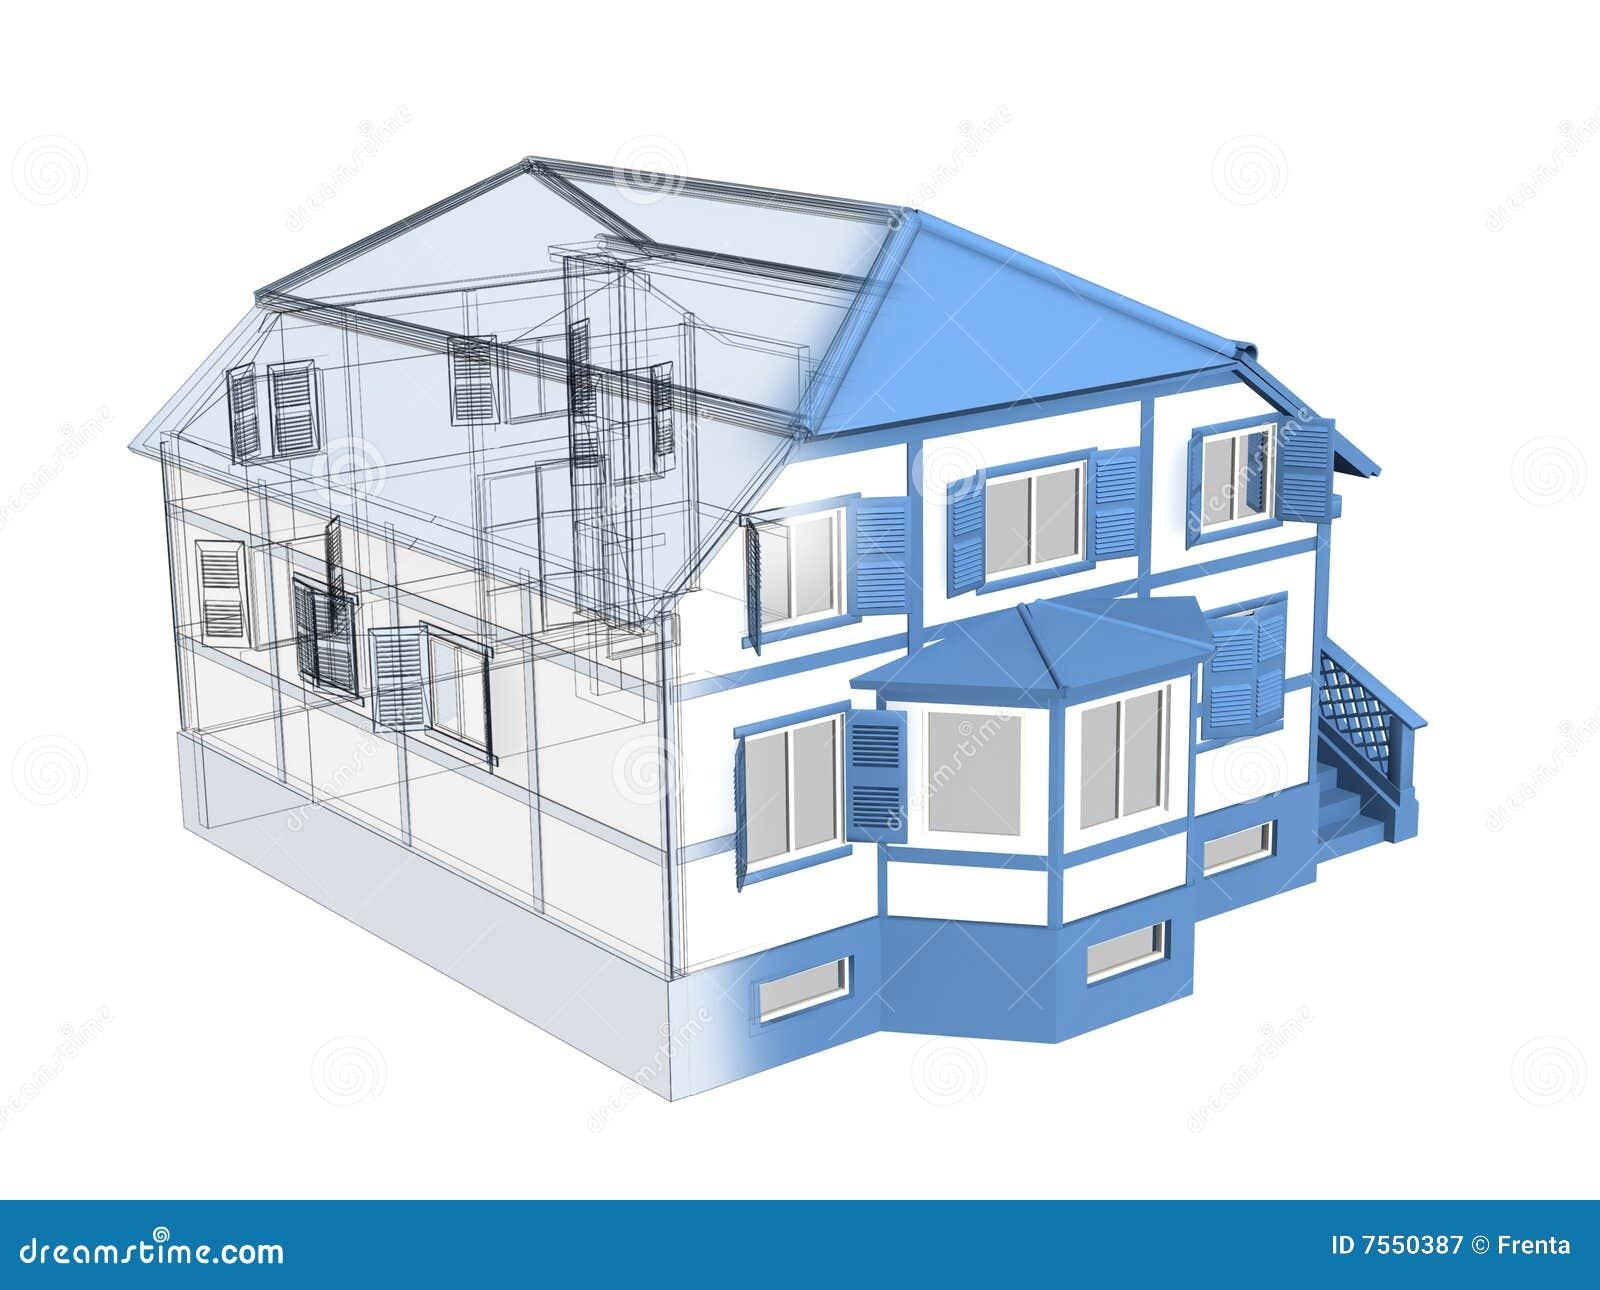 Croquis 3d d 39 une maison photographie stock libre de droits for Croquis de maison plan de maison